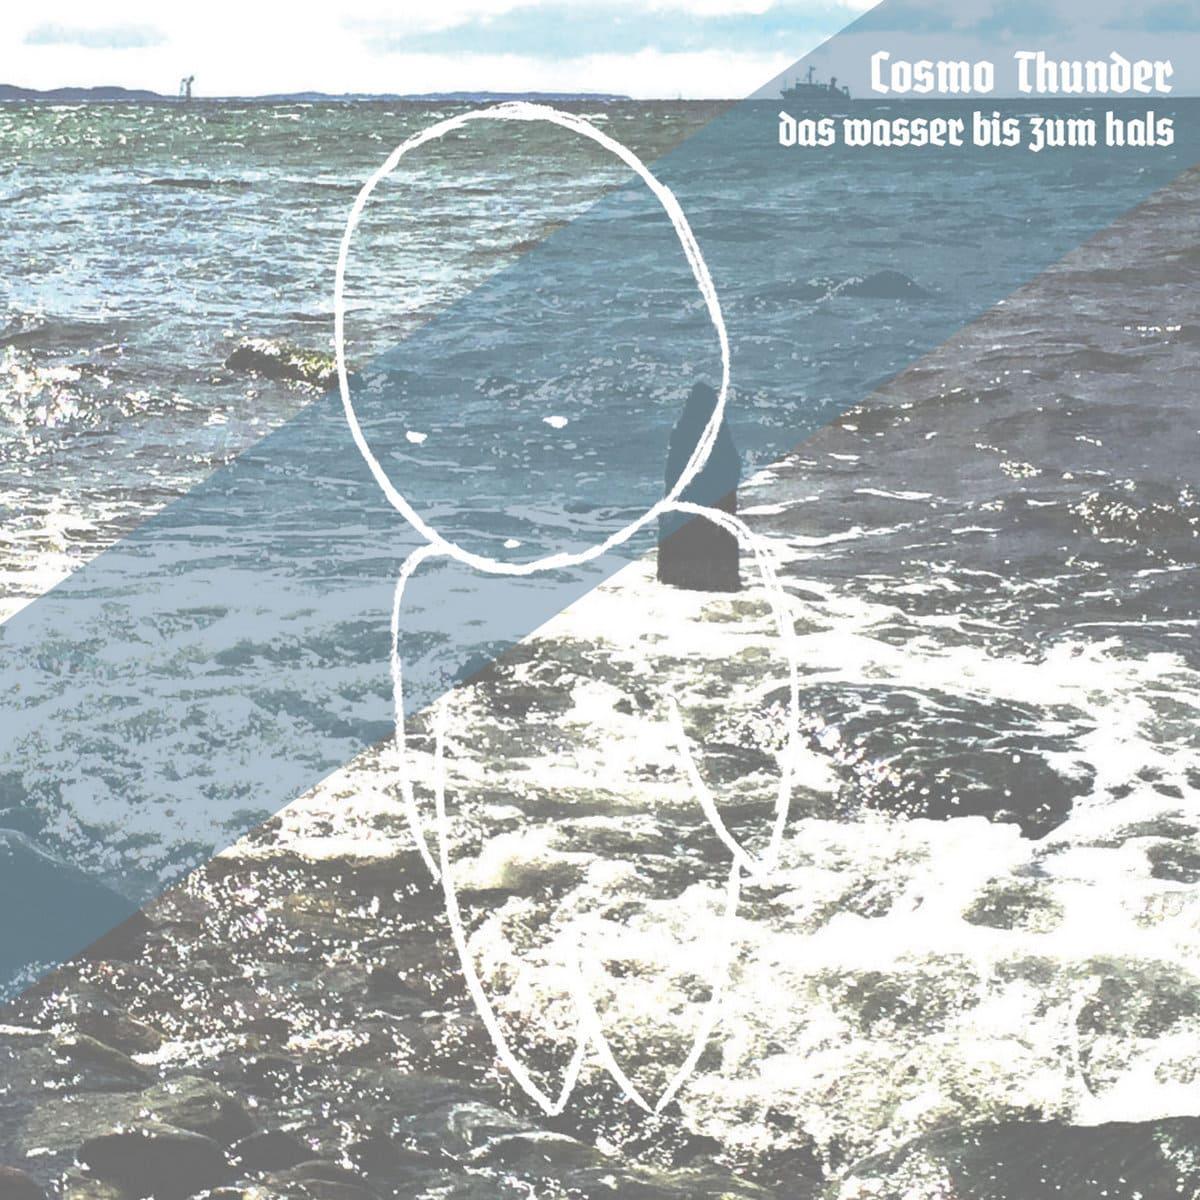 Cosmo Thunder - Wasser bis zum Hals